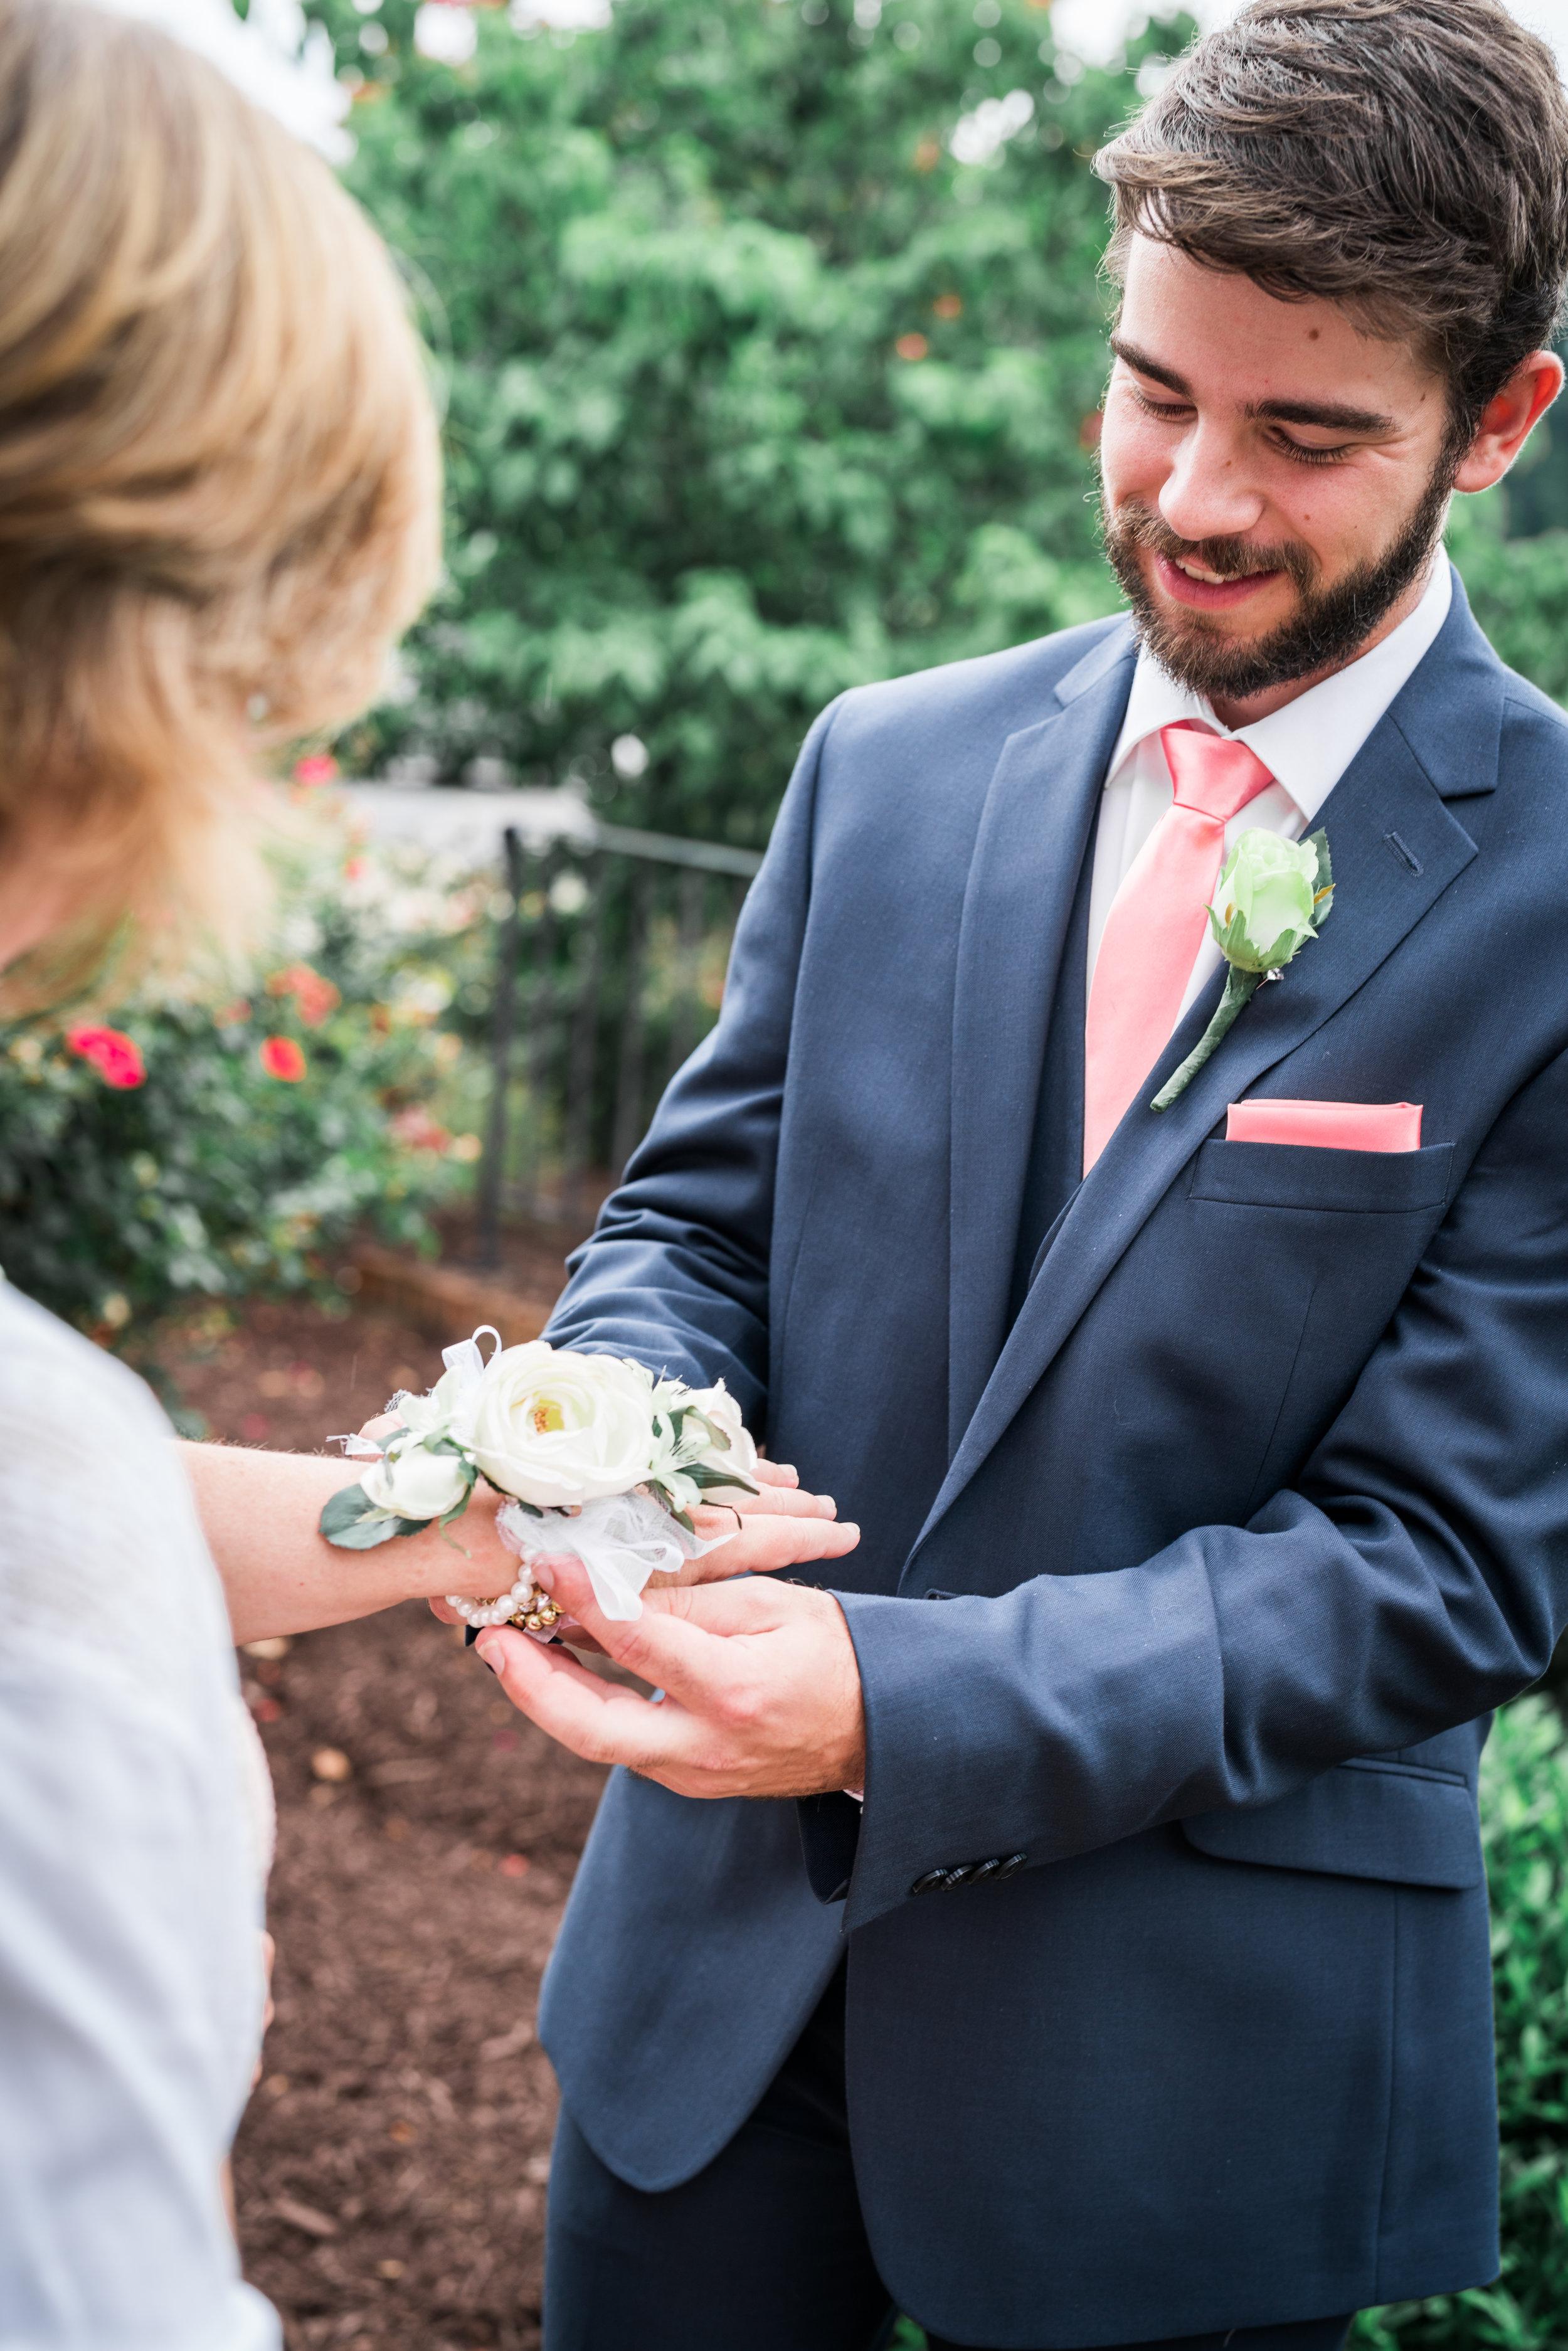 jessica-stephen-bishop-wedding-159.jpg